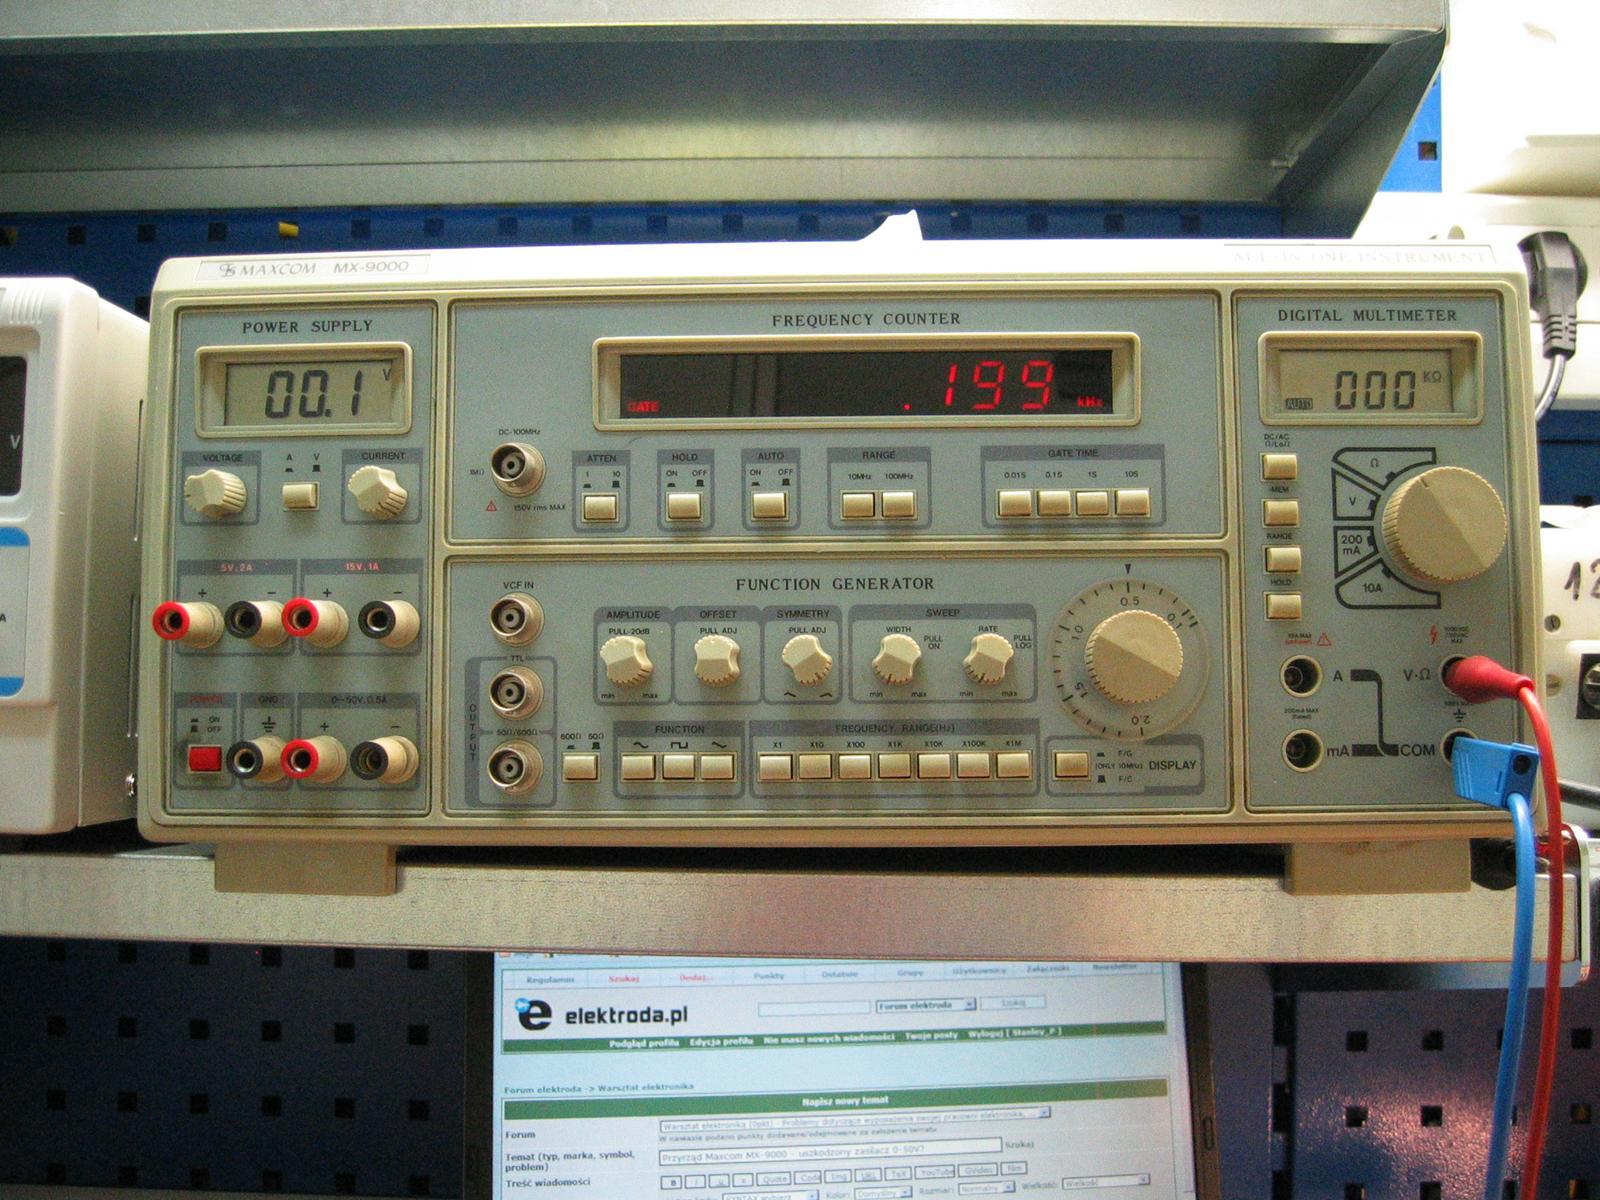 Przyrz�d Maxcom MX-9000 - uszkodzony zasilacz 0-50V?